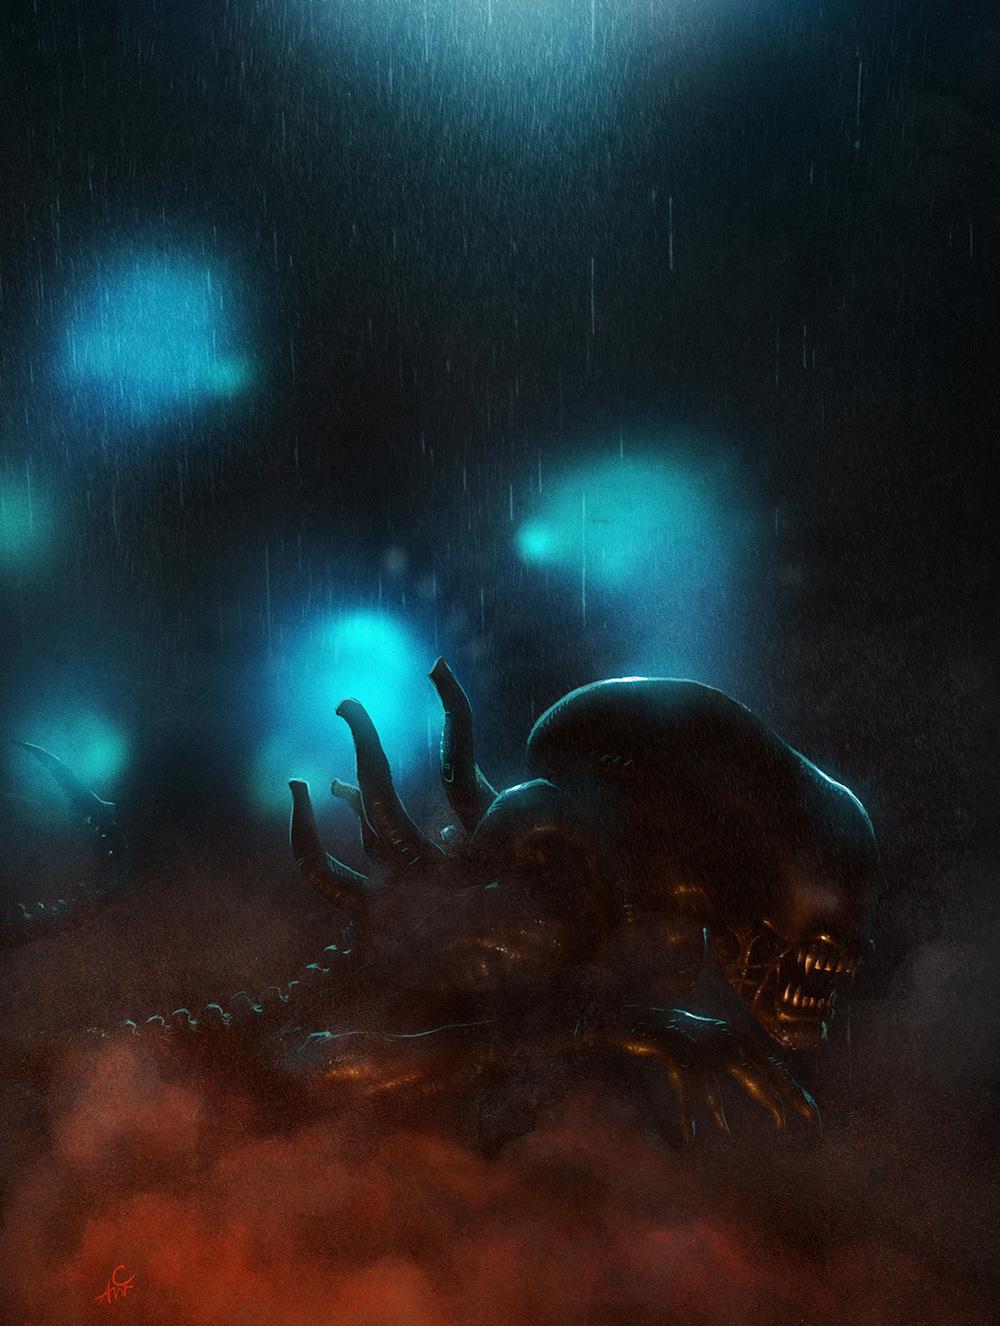 Alien_v01.jpg